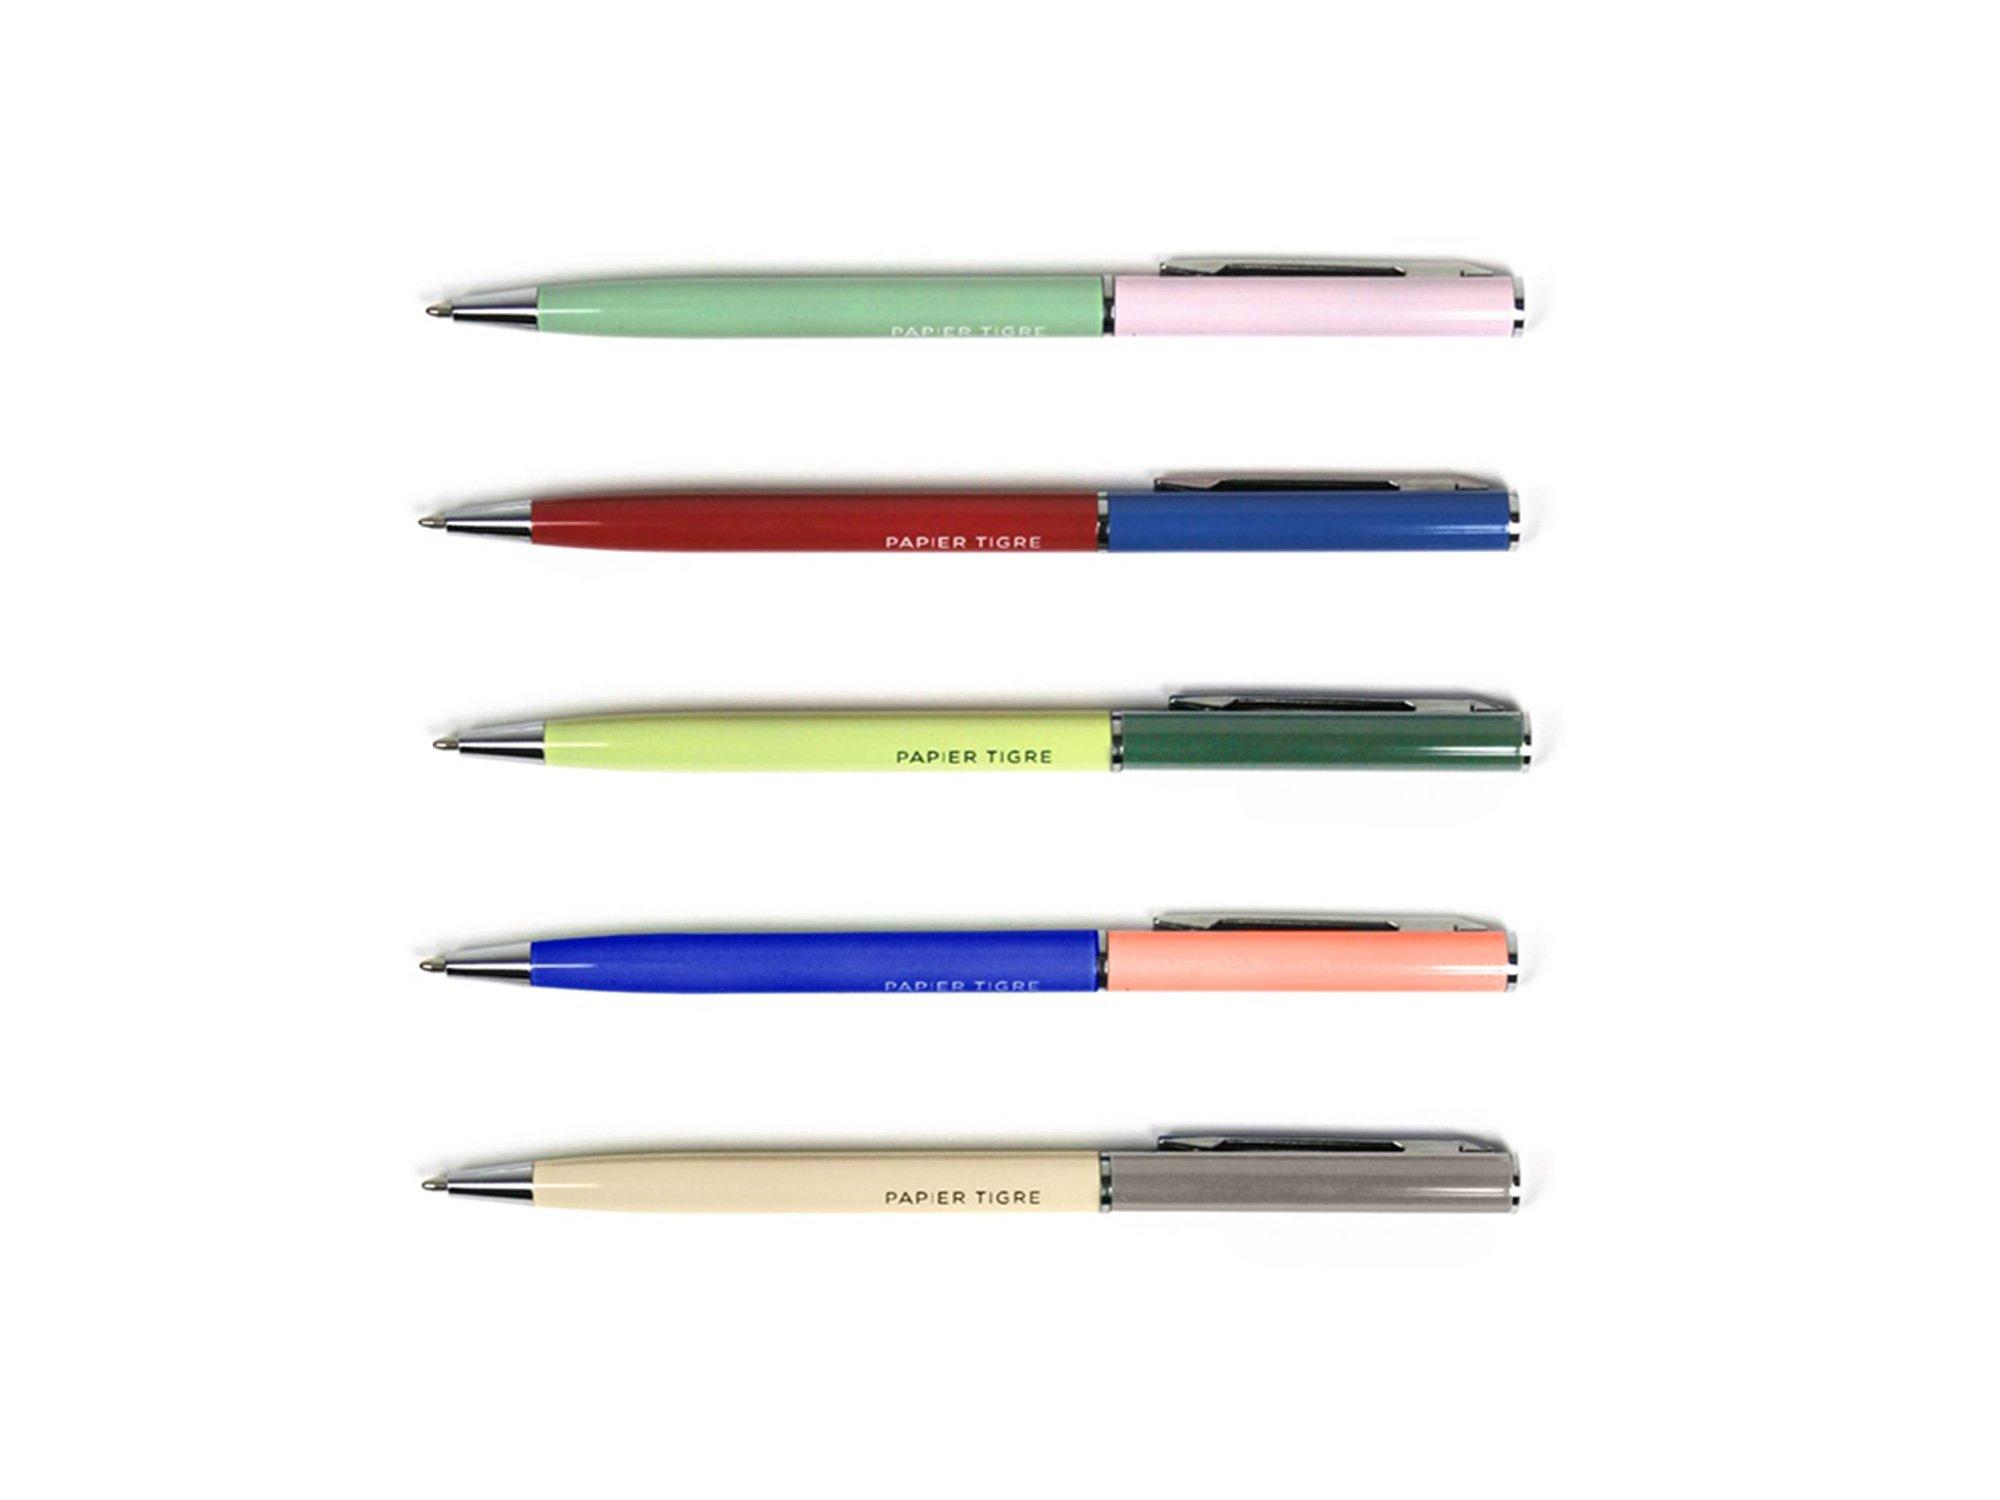 Papier Tigre - Ballpoint pen